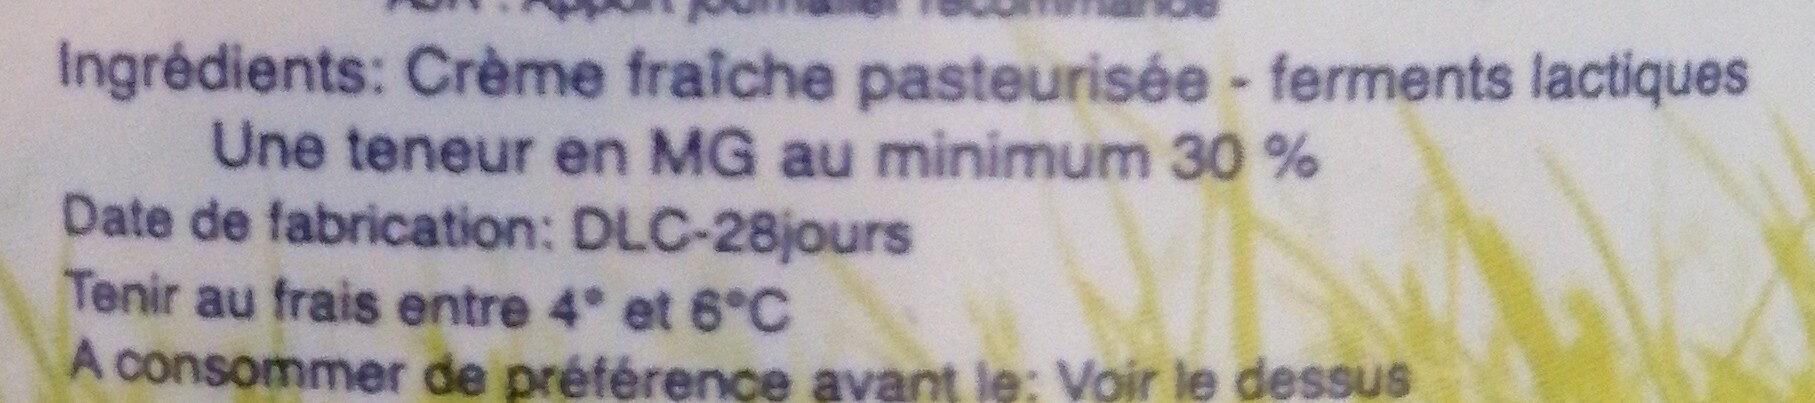 Crème fraîche - Ingredients - fr